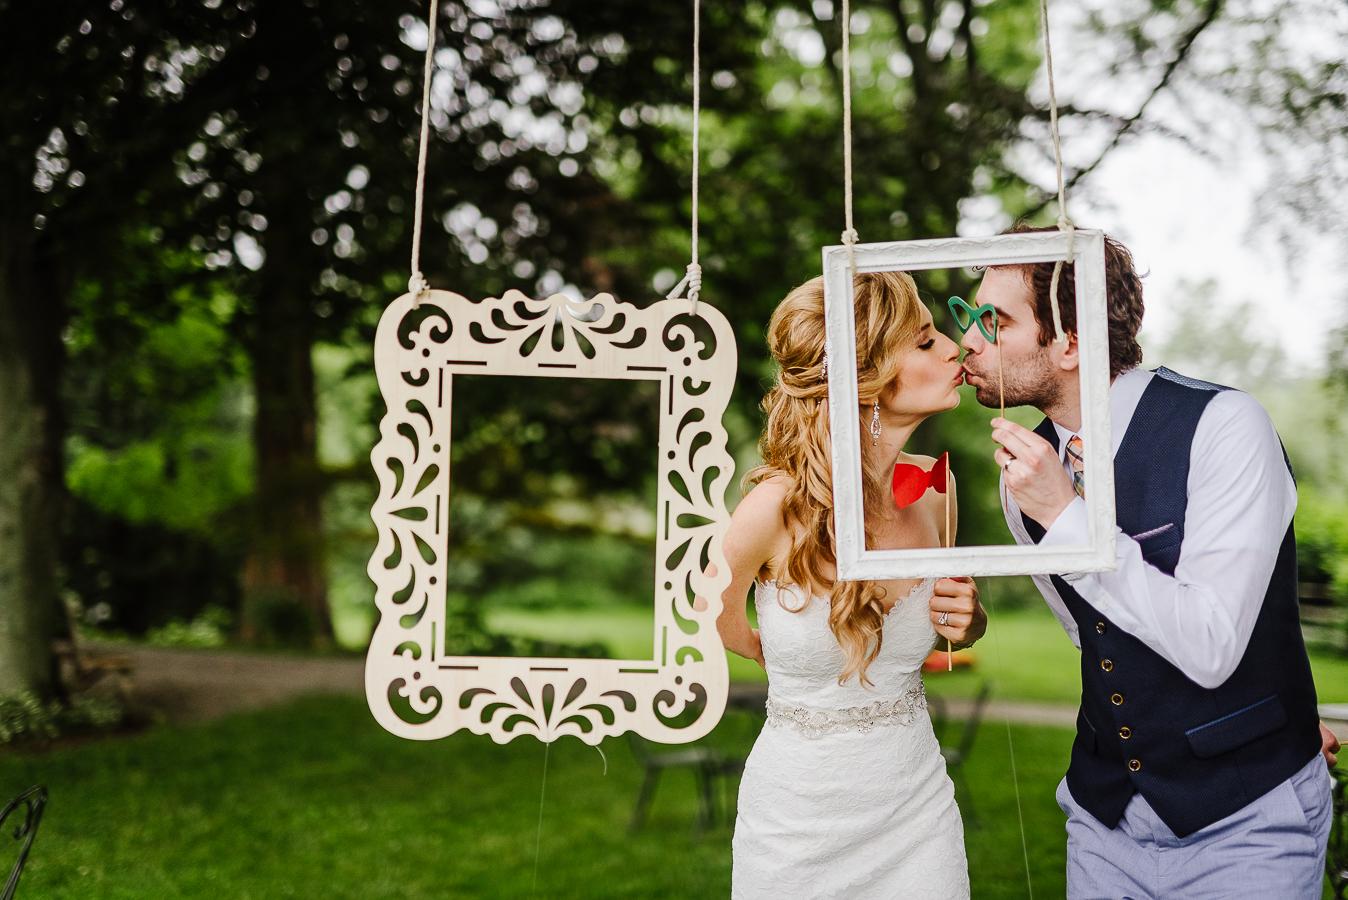 Stylish Crossed Keys Inn Wedding Crossed Keys Wedding Crossed Keys Inn Andover NJ Longbrook Photography-72.jpg